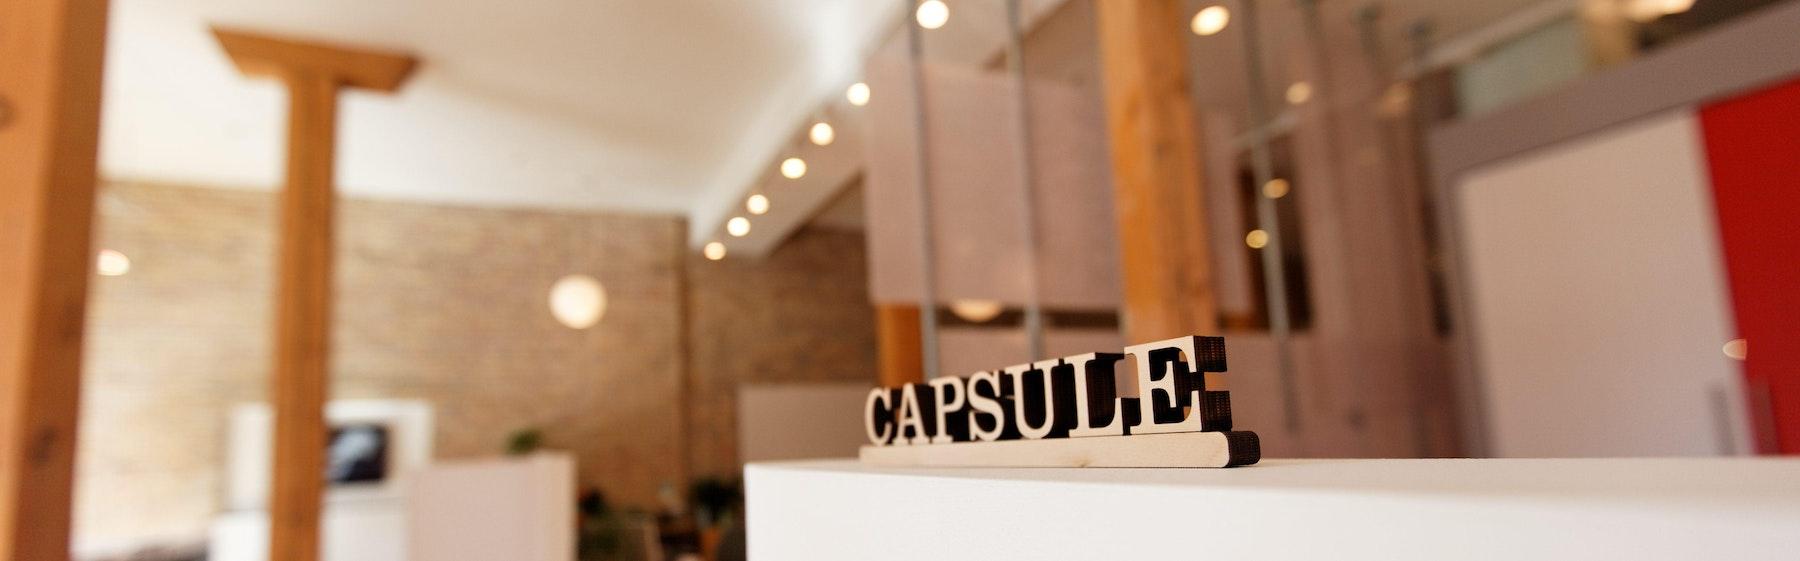 Capsule Enter